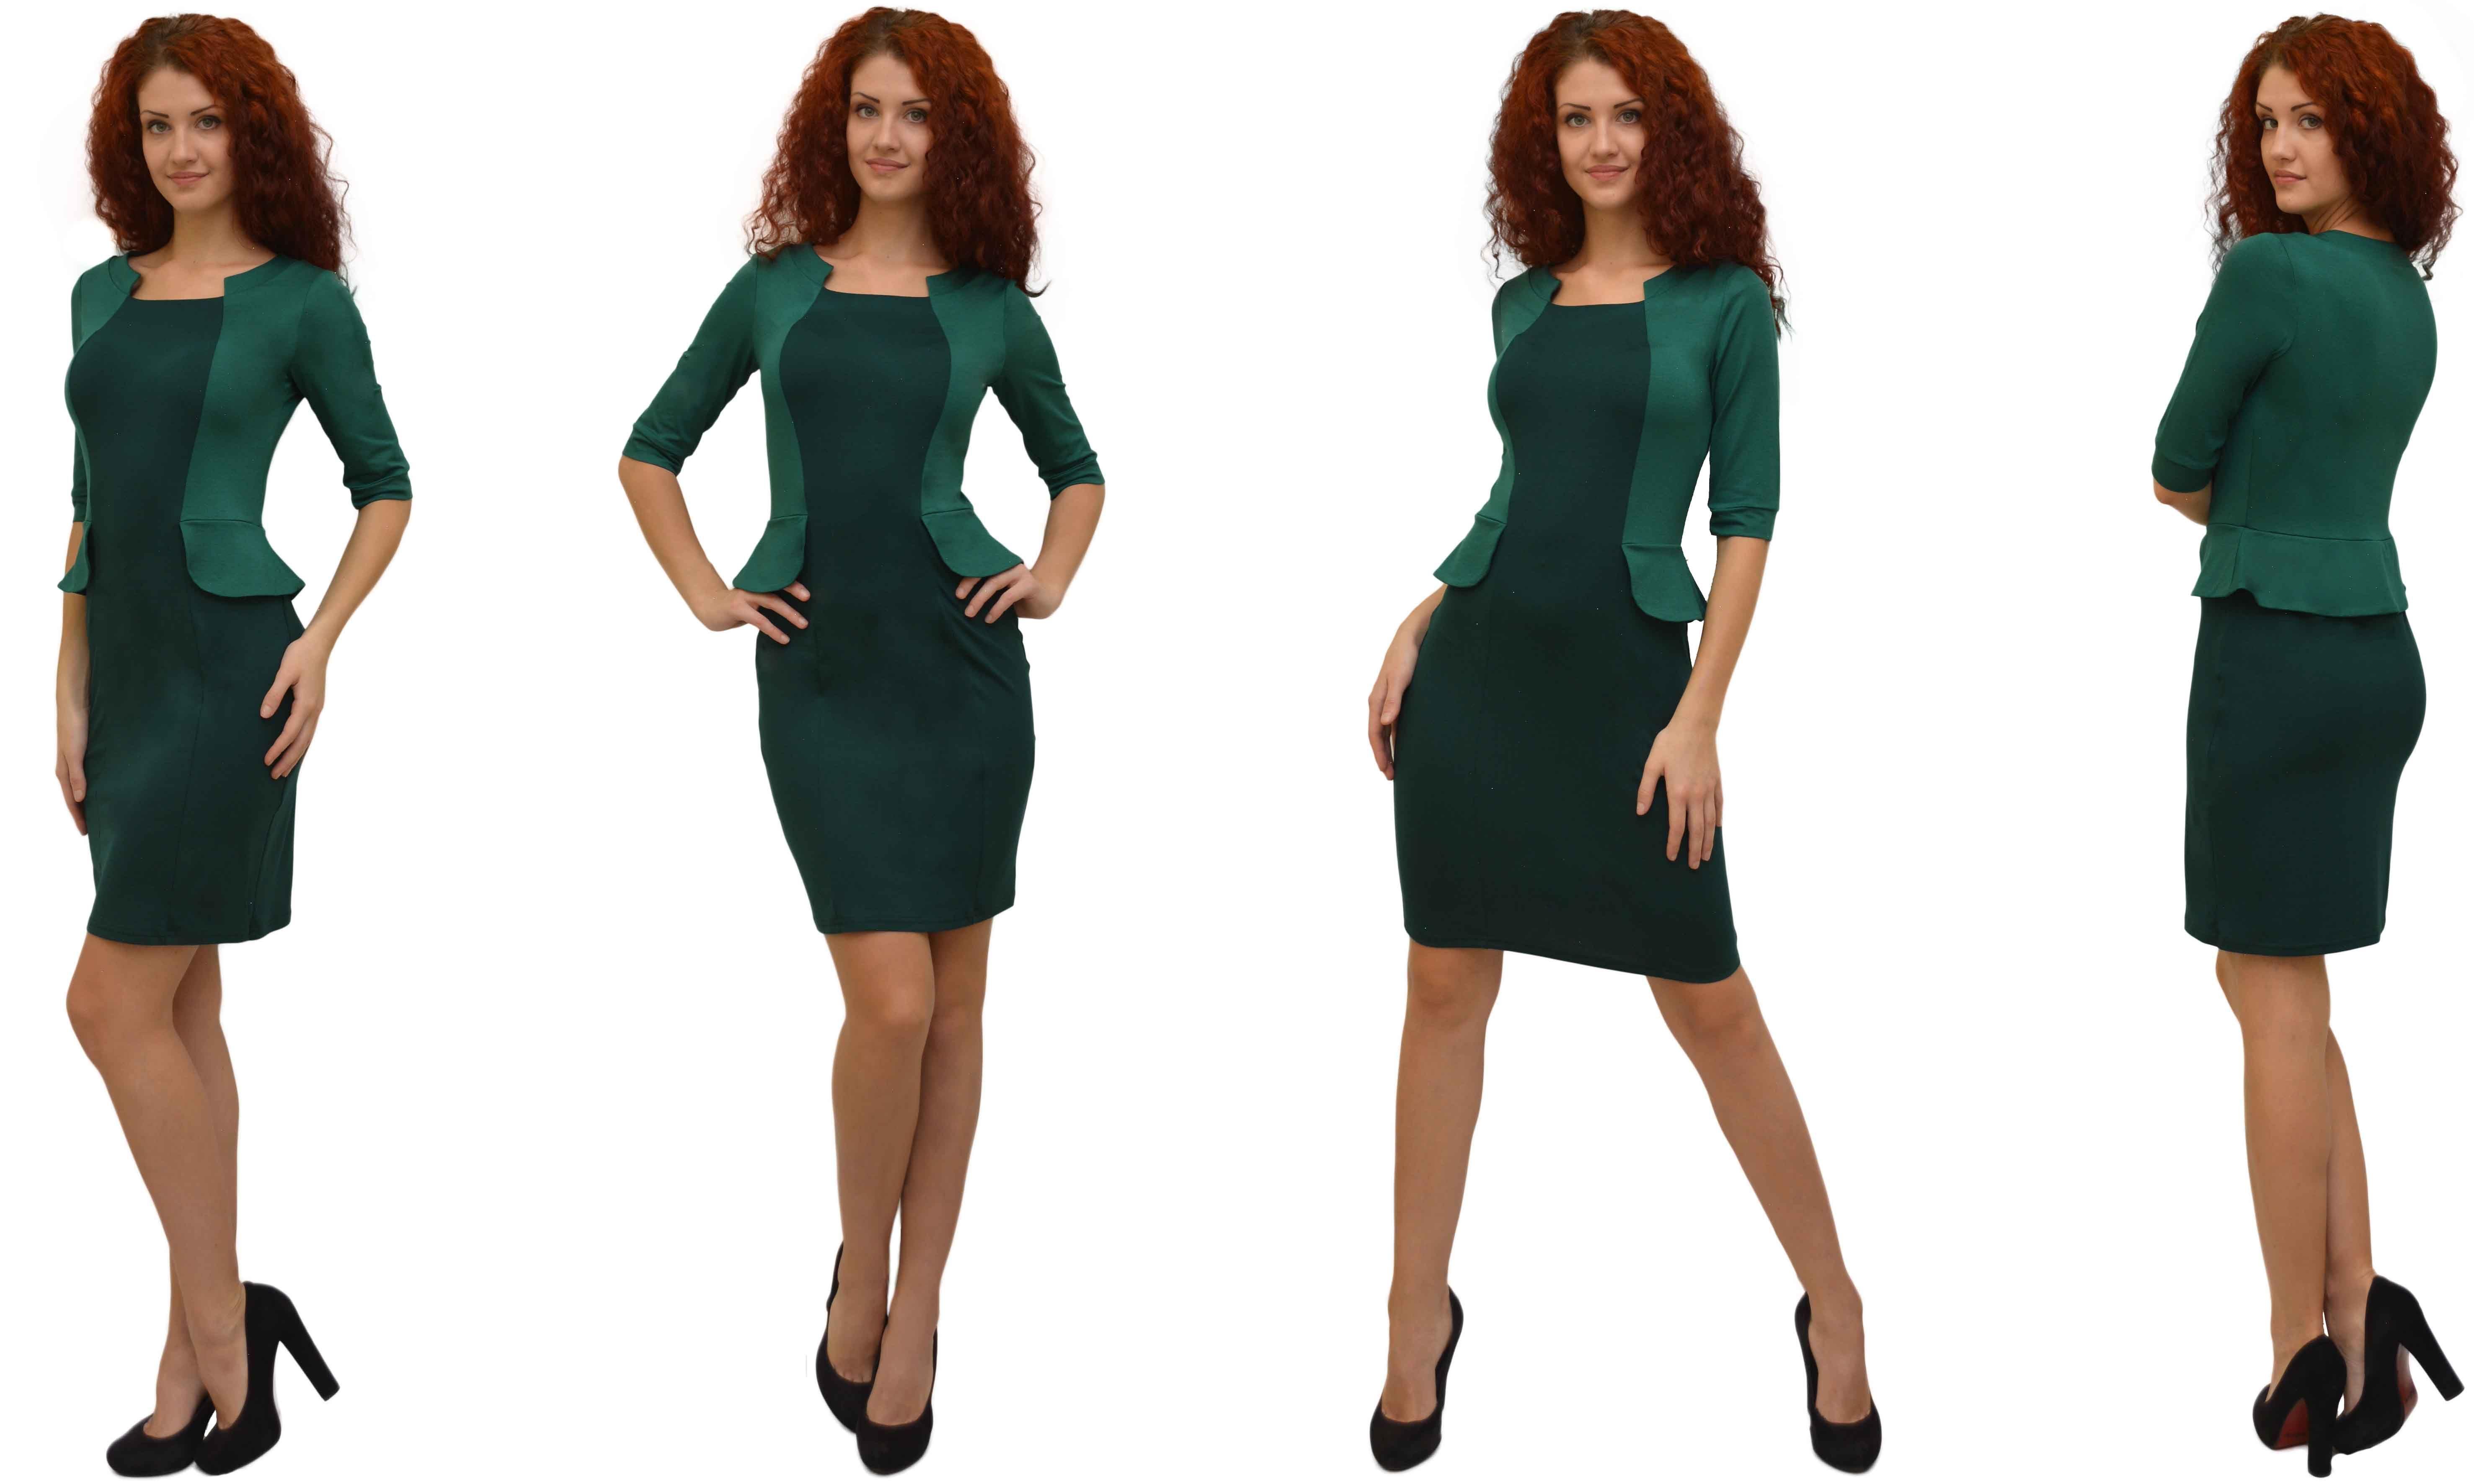 Большие скидки! Женская одежда Серебряная ладья. Теперь модели от 250 руб! Много Новинок. ОЧЕНЬ МНОГО НОВЫХ БЛУЗОК.